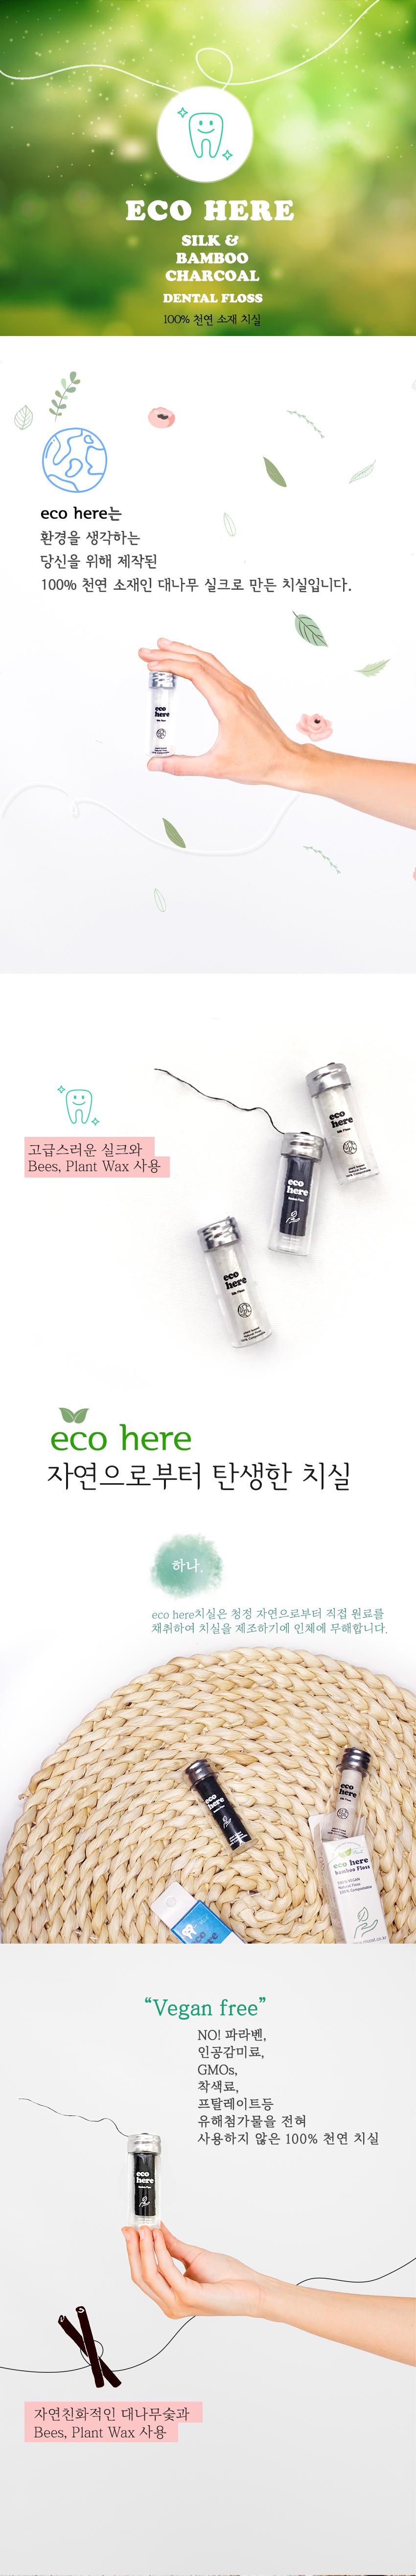 ECO HERE 대나무 실크치실 숯치실 100% 천연소재치실 - 이엔코리아, 11,900원, 목욕용품, 칫솔/치약